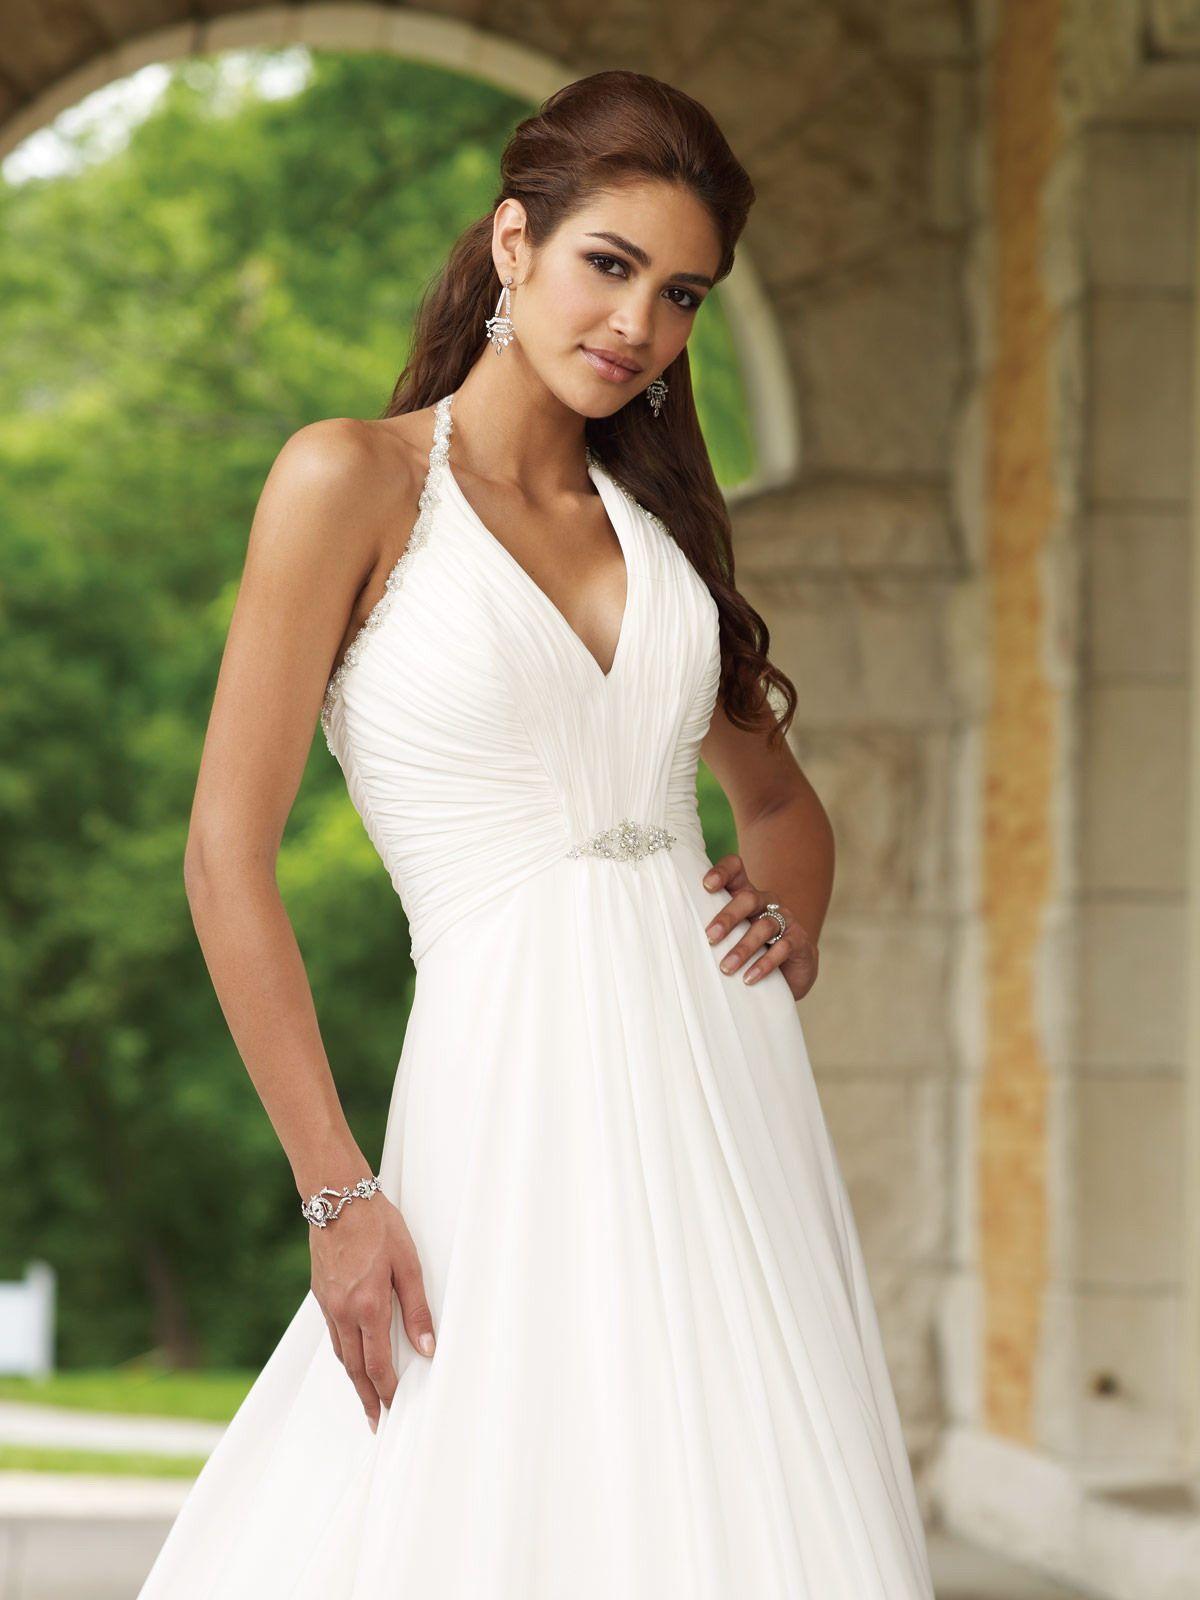 Mon cheri bridal gown style callah bidal gown pinterest